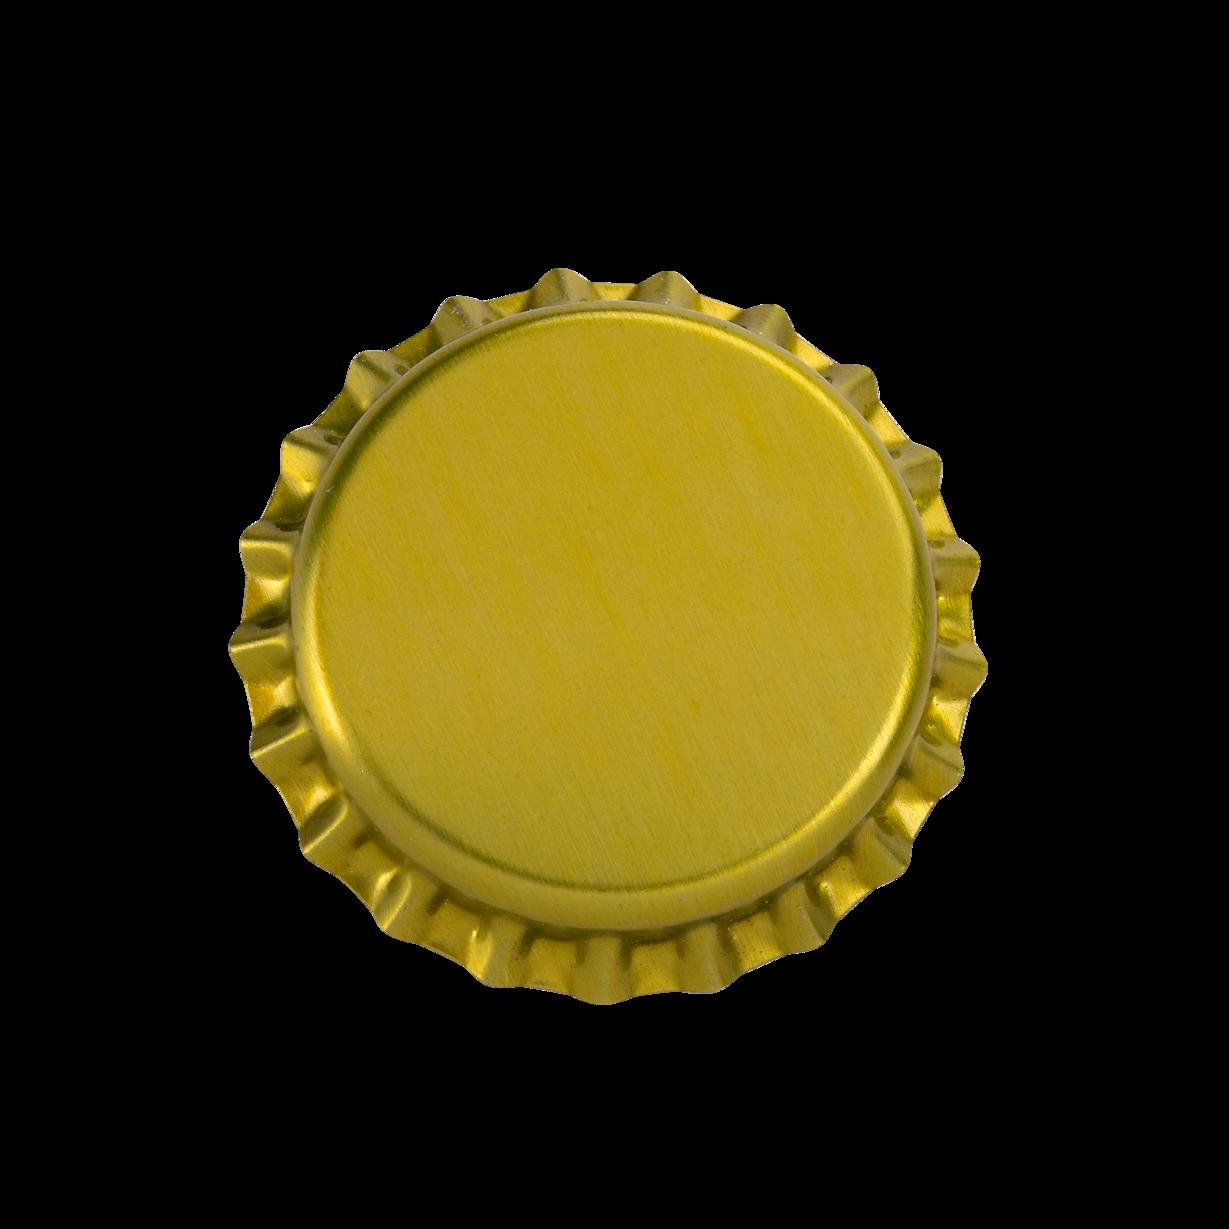 Promet - Crown corks